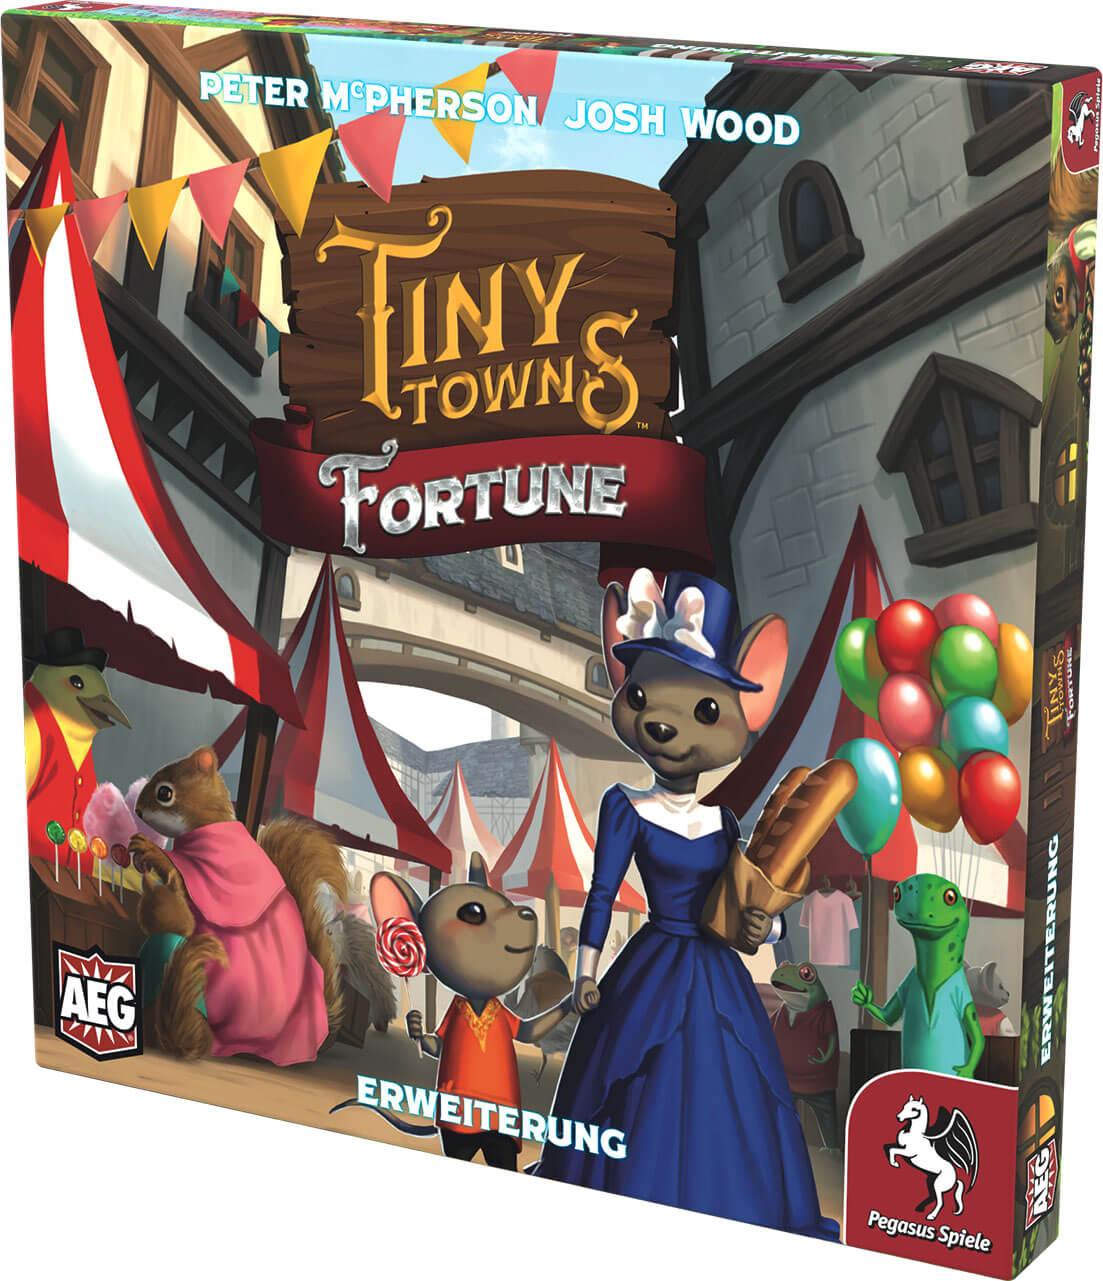 Schachtel Vorderseite, rechte Seite- Tiny Towns: Fortune